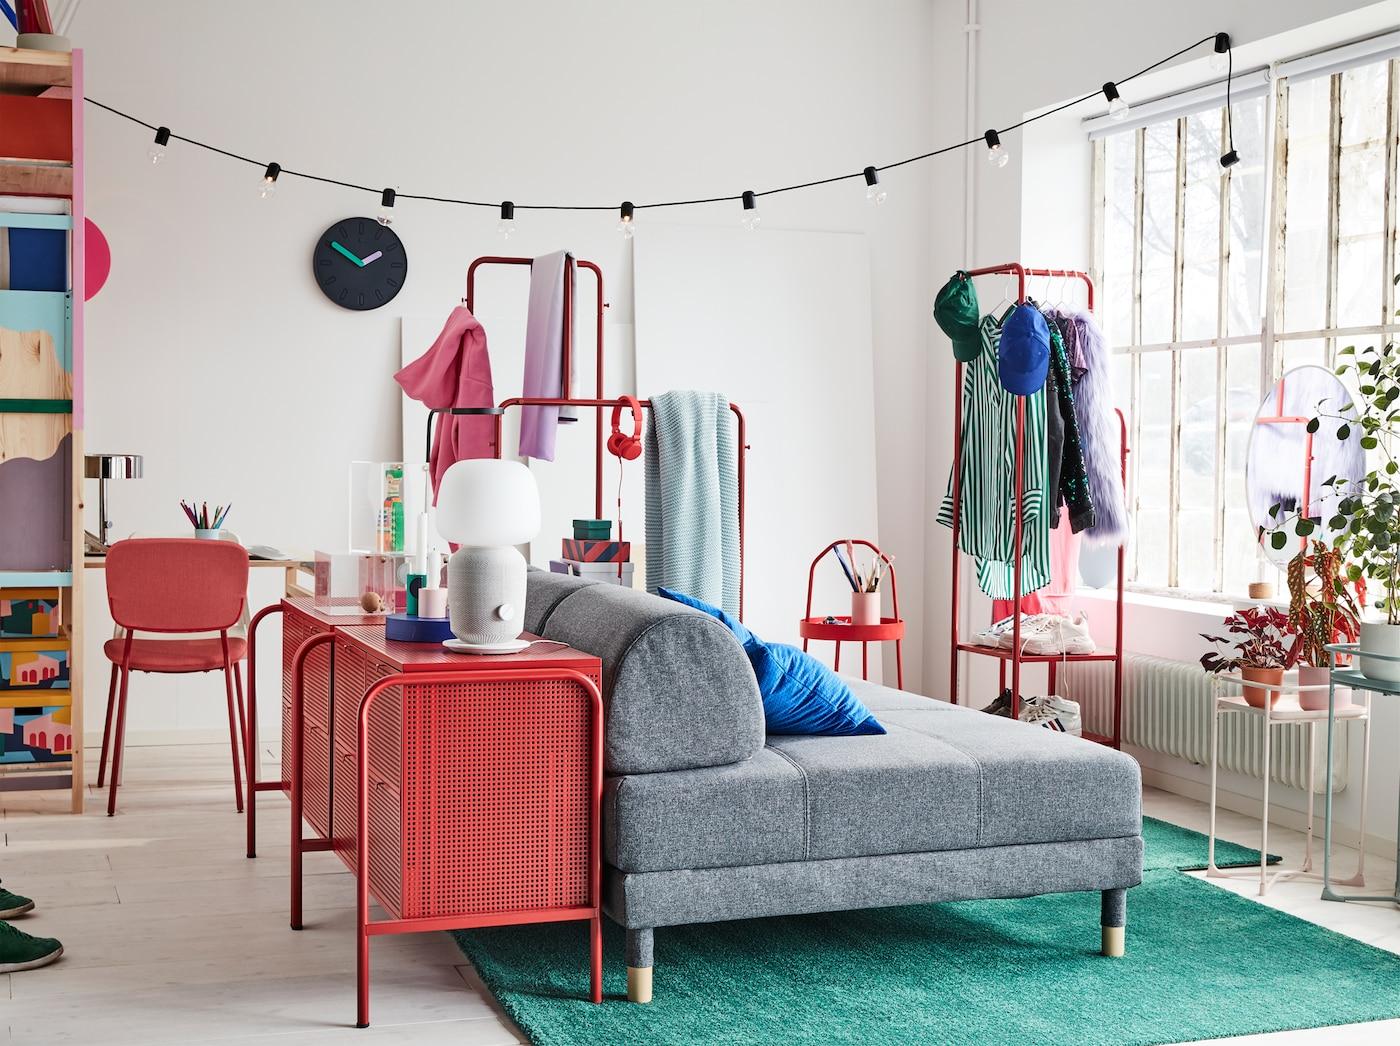 Színes egy-hálószobás lakás, szürke kanapéval, két zöld szőnyeggel és egy piros fiókos szekrénnyel.